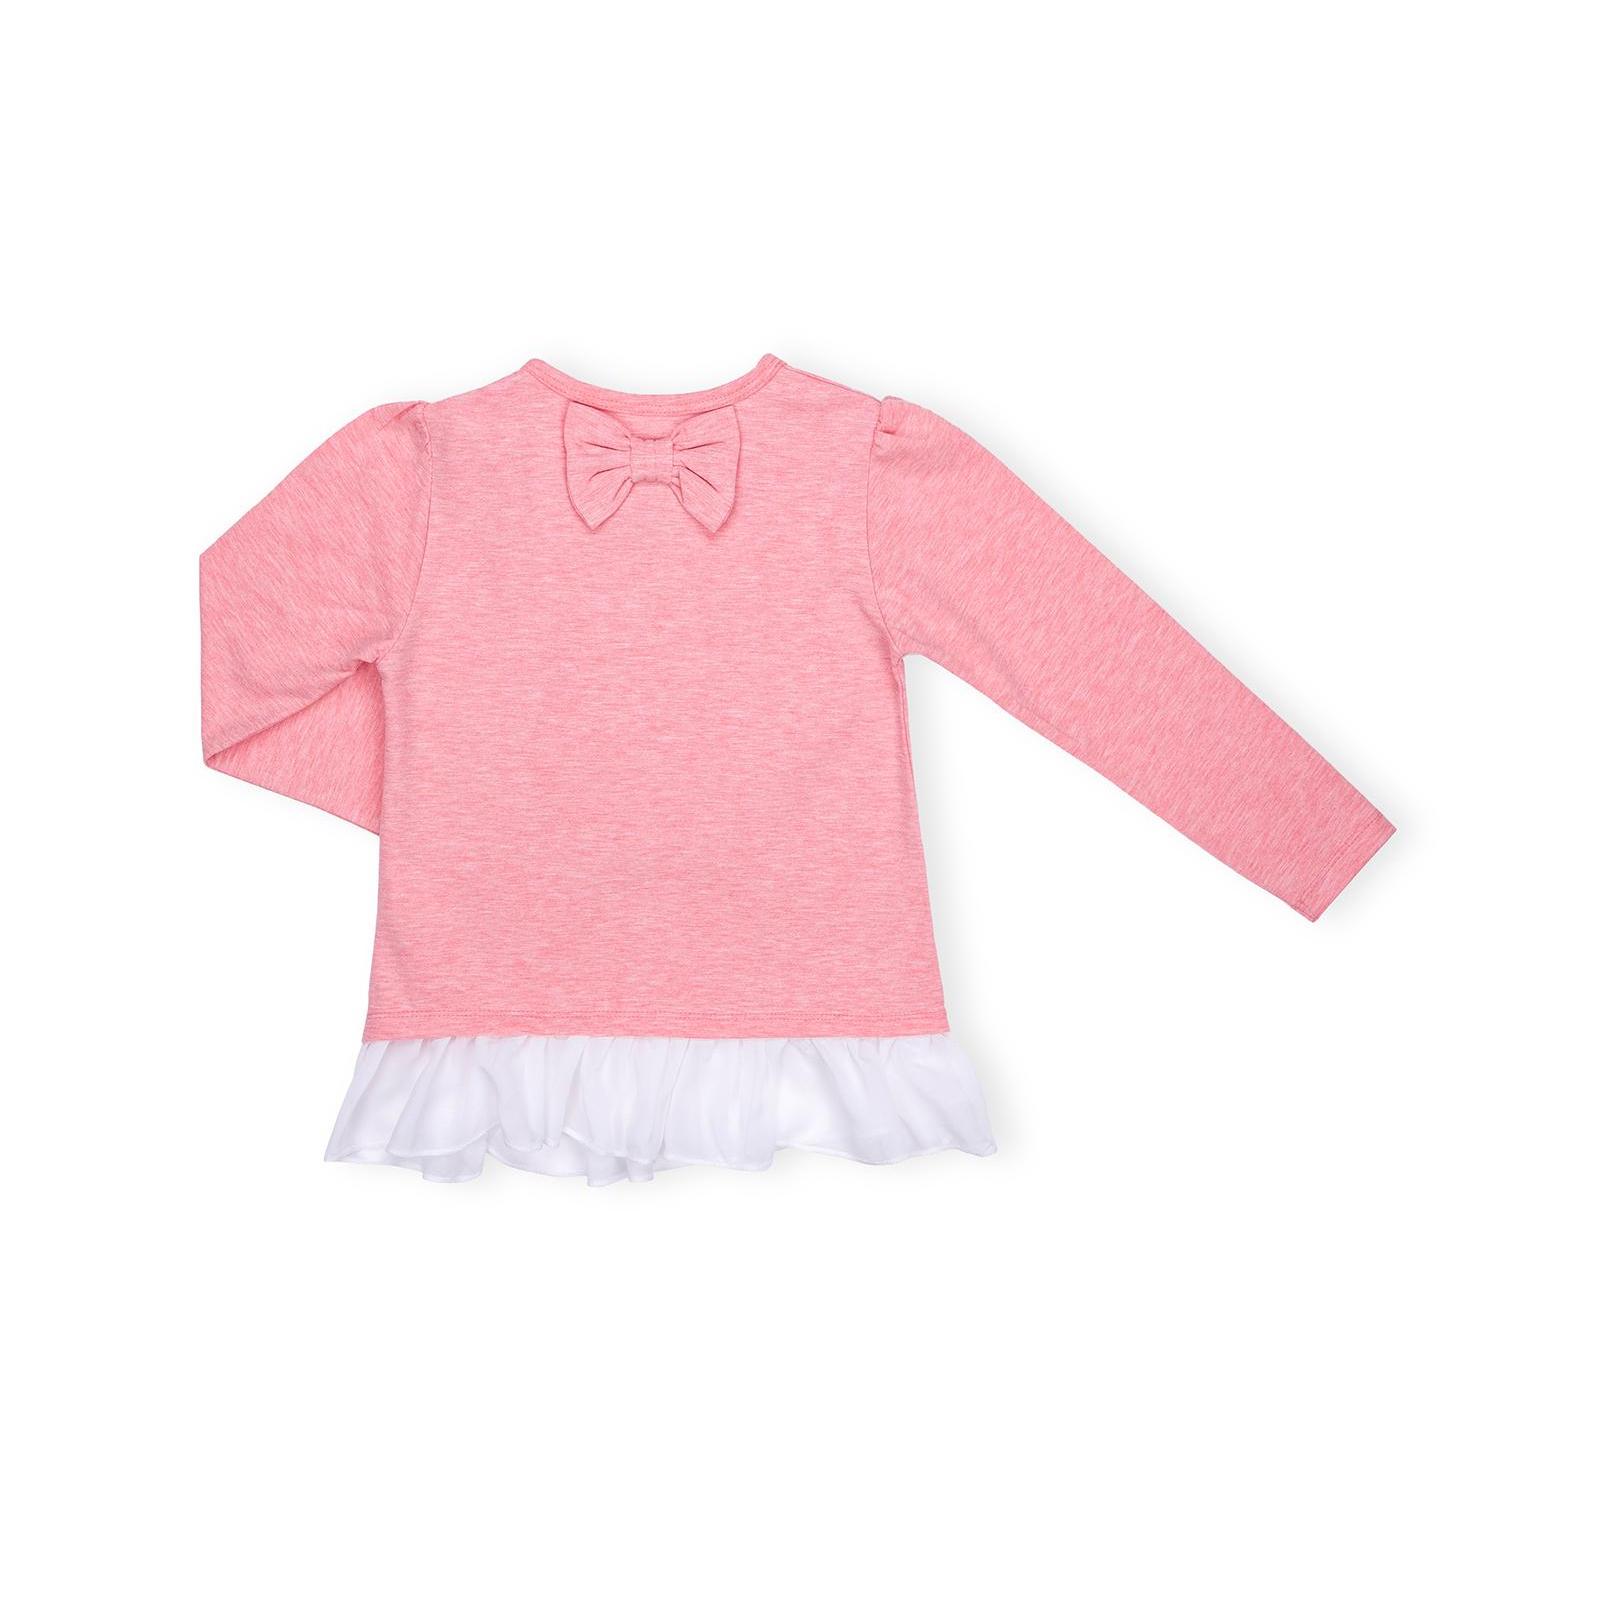 Кофта Breeze со звездой и оборкой (10536-110G-pink) изображение 2